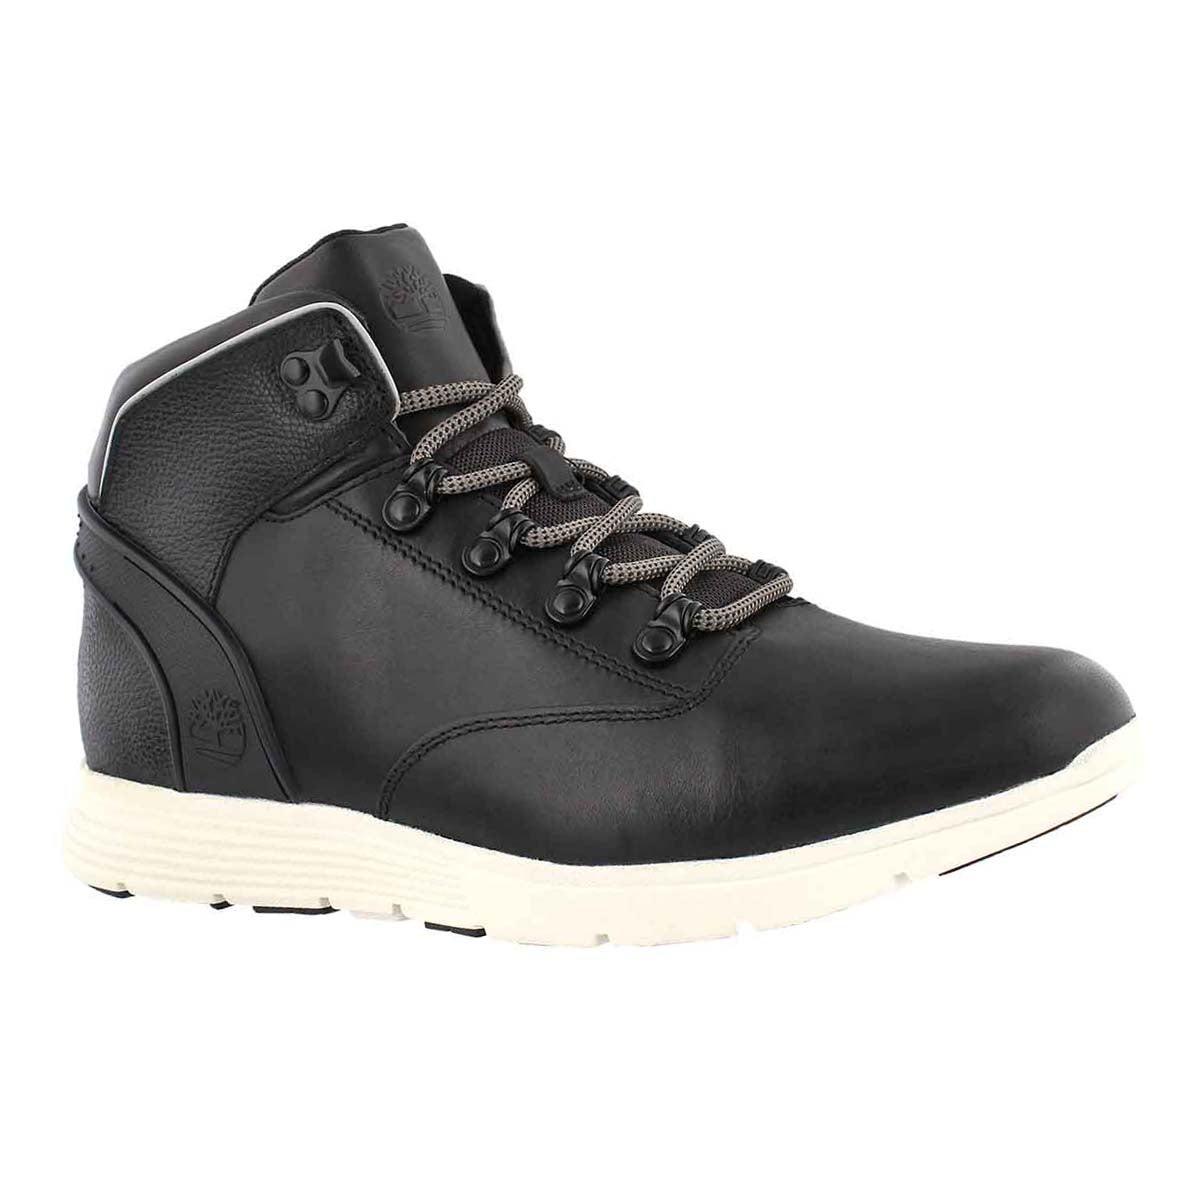 Men's KILLINGTON black hiking ankle boots